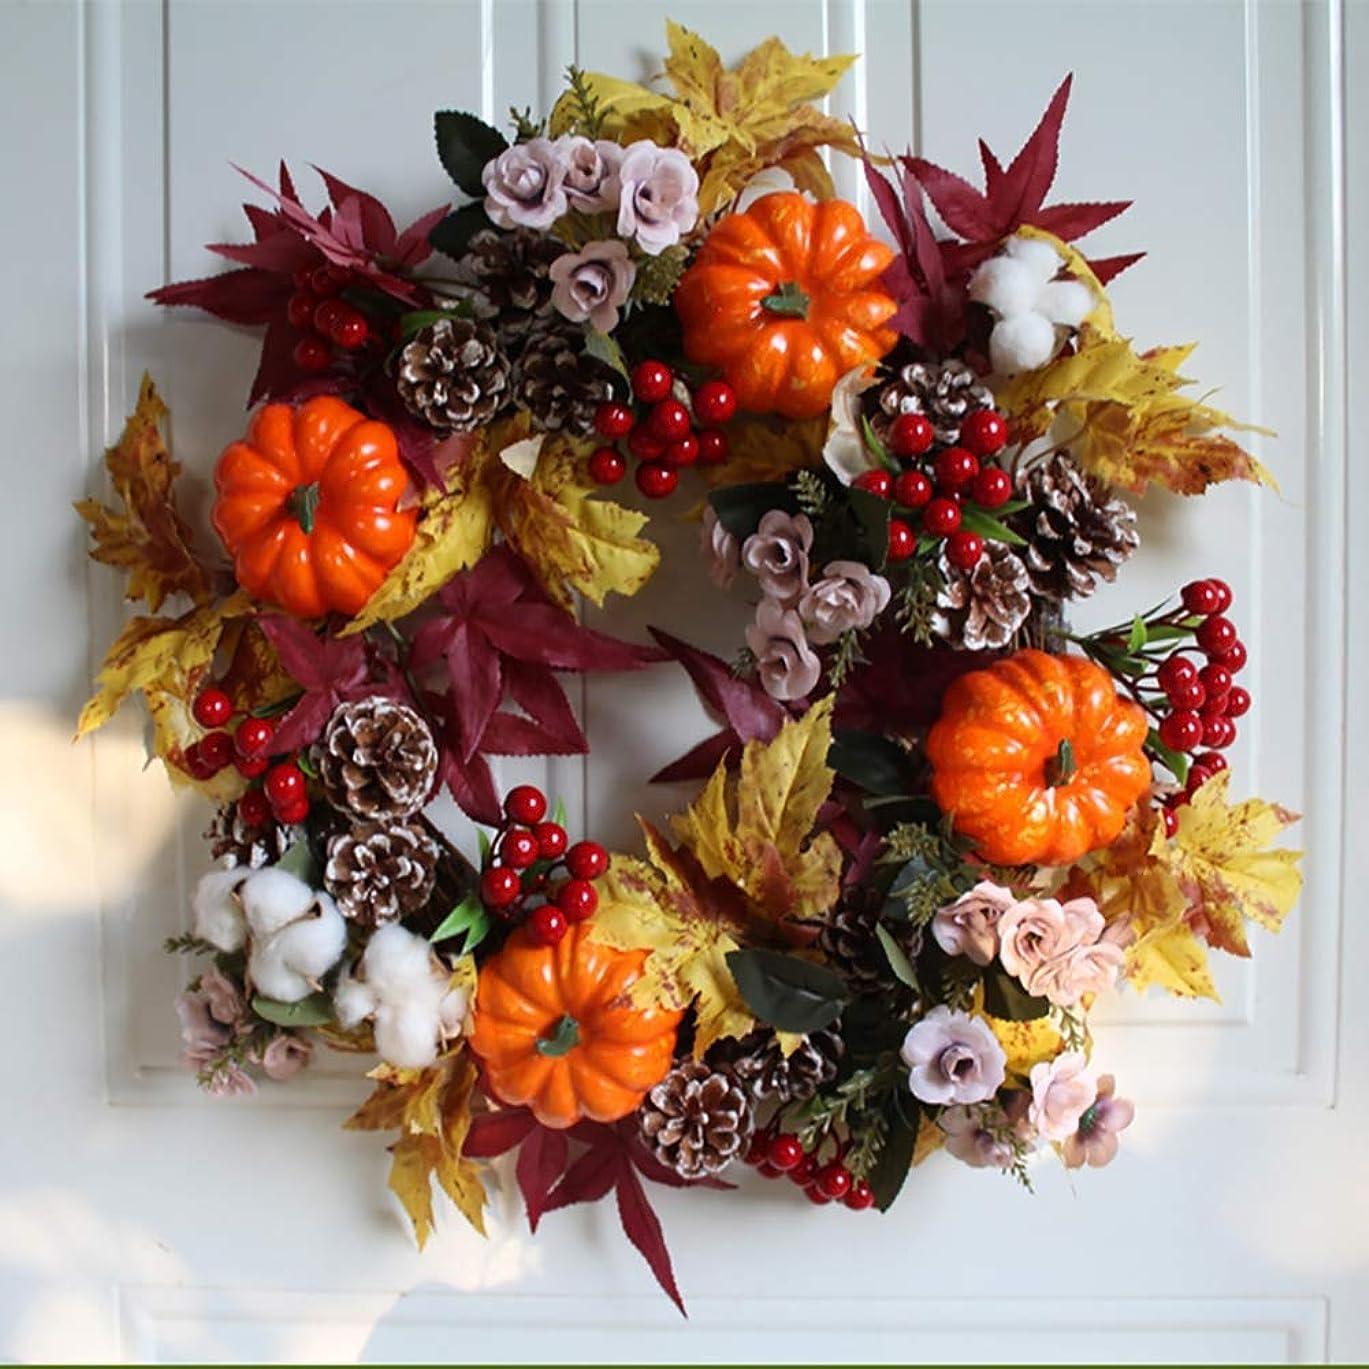 保険をかける誓いブースト18インチの秋の花輪、カボチャ、松ぼっくり、メープルリーフおよび果実が付いている玄関のための秋のかえでの葉の収穫の感謝祭のドアの花輪